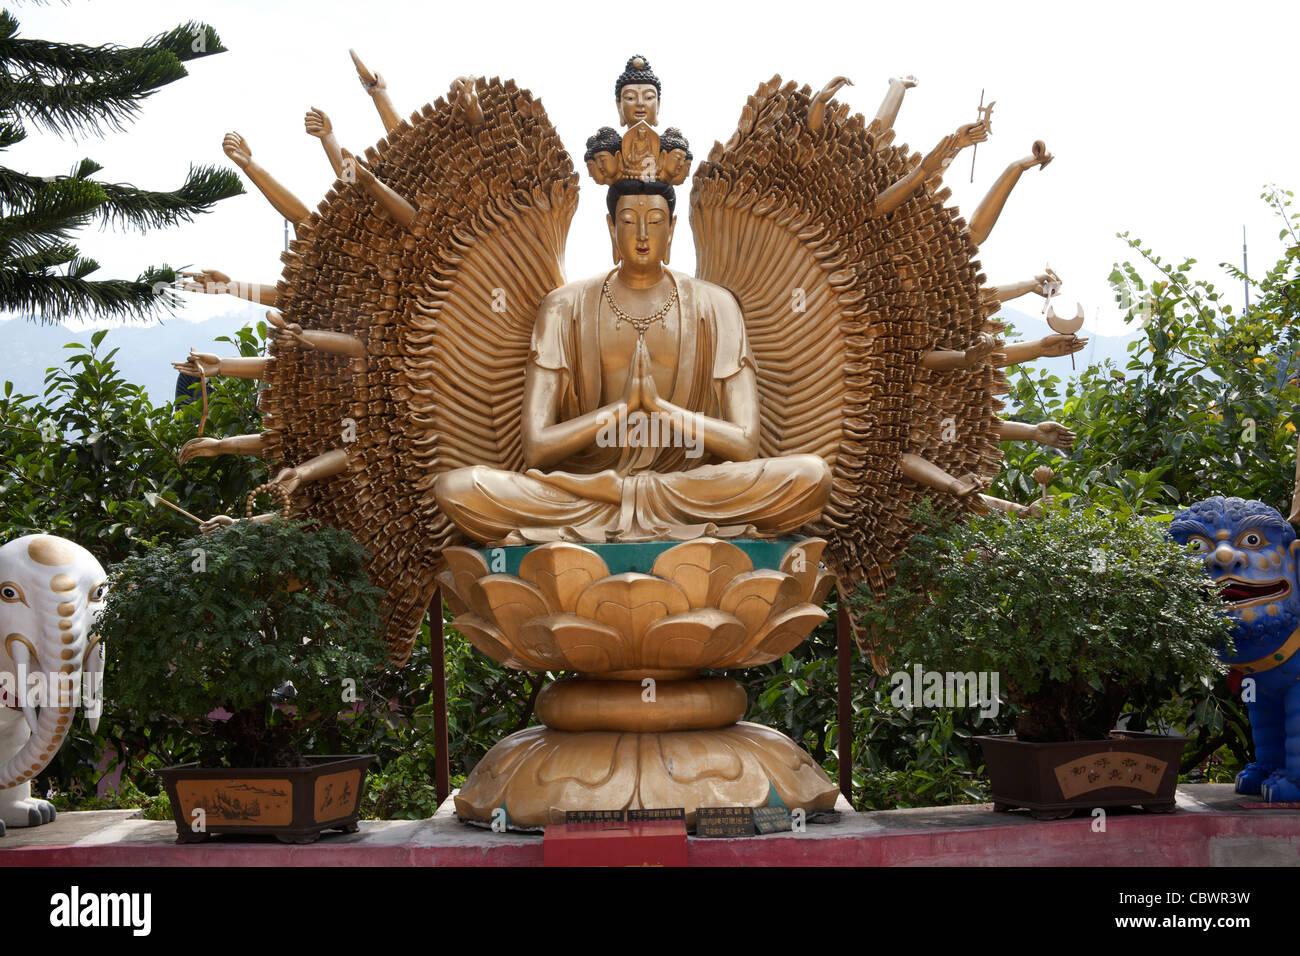 Golden Buddha Sitzt Auf Einer Lotusblute Zehn Tausend Buddhas Kloster Mann Fett Asz Einen Buddhistischer Tempel In Sha Tin Hong Kong Stockfotografie Alamy